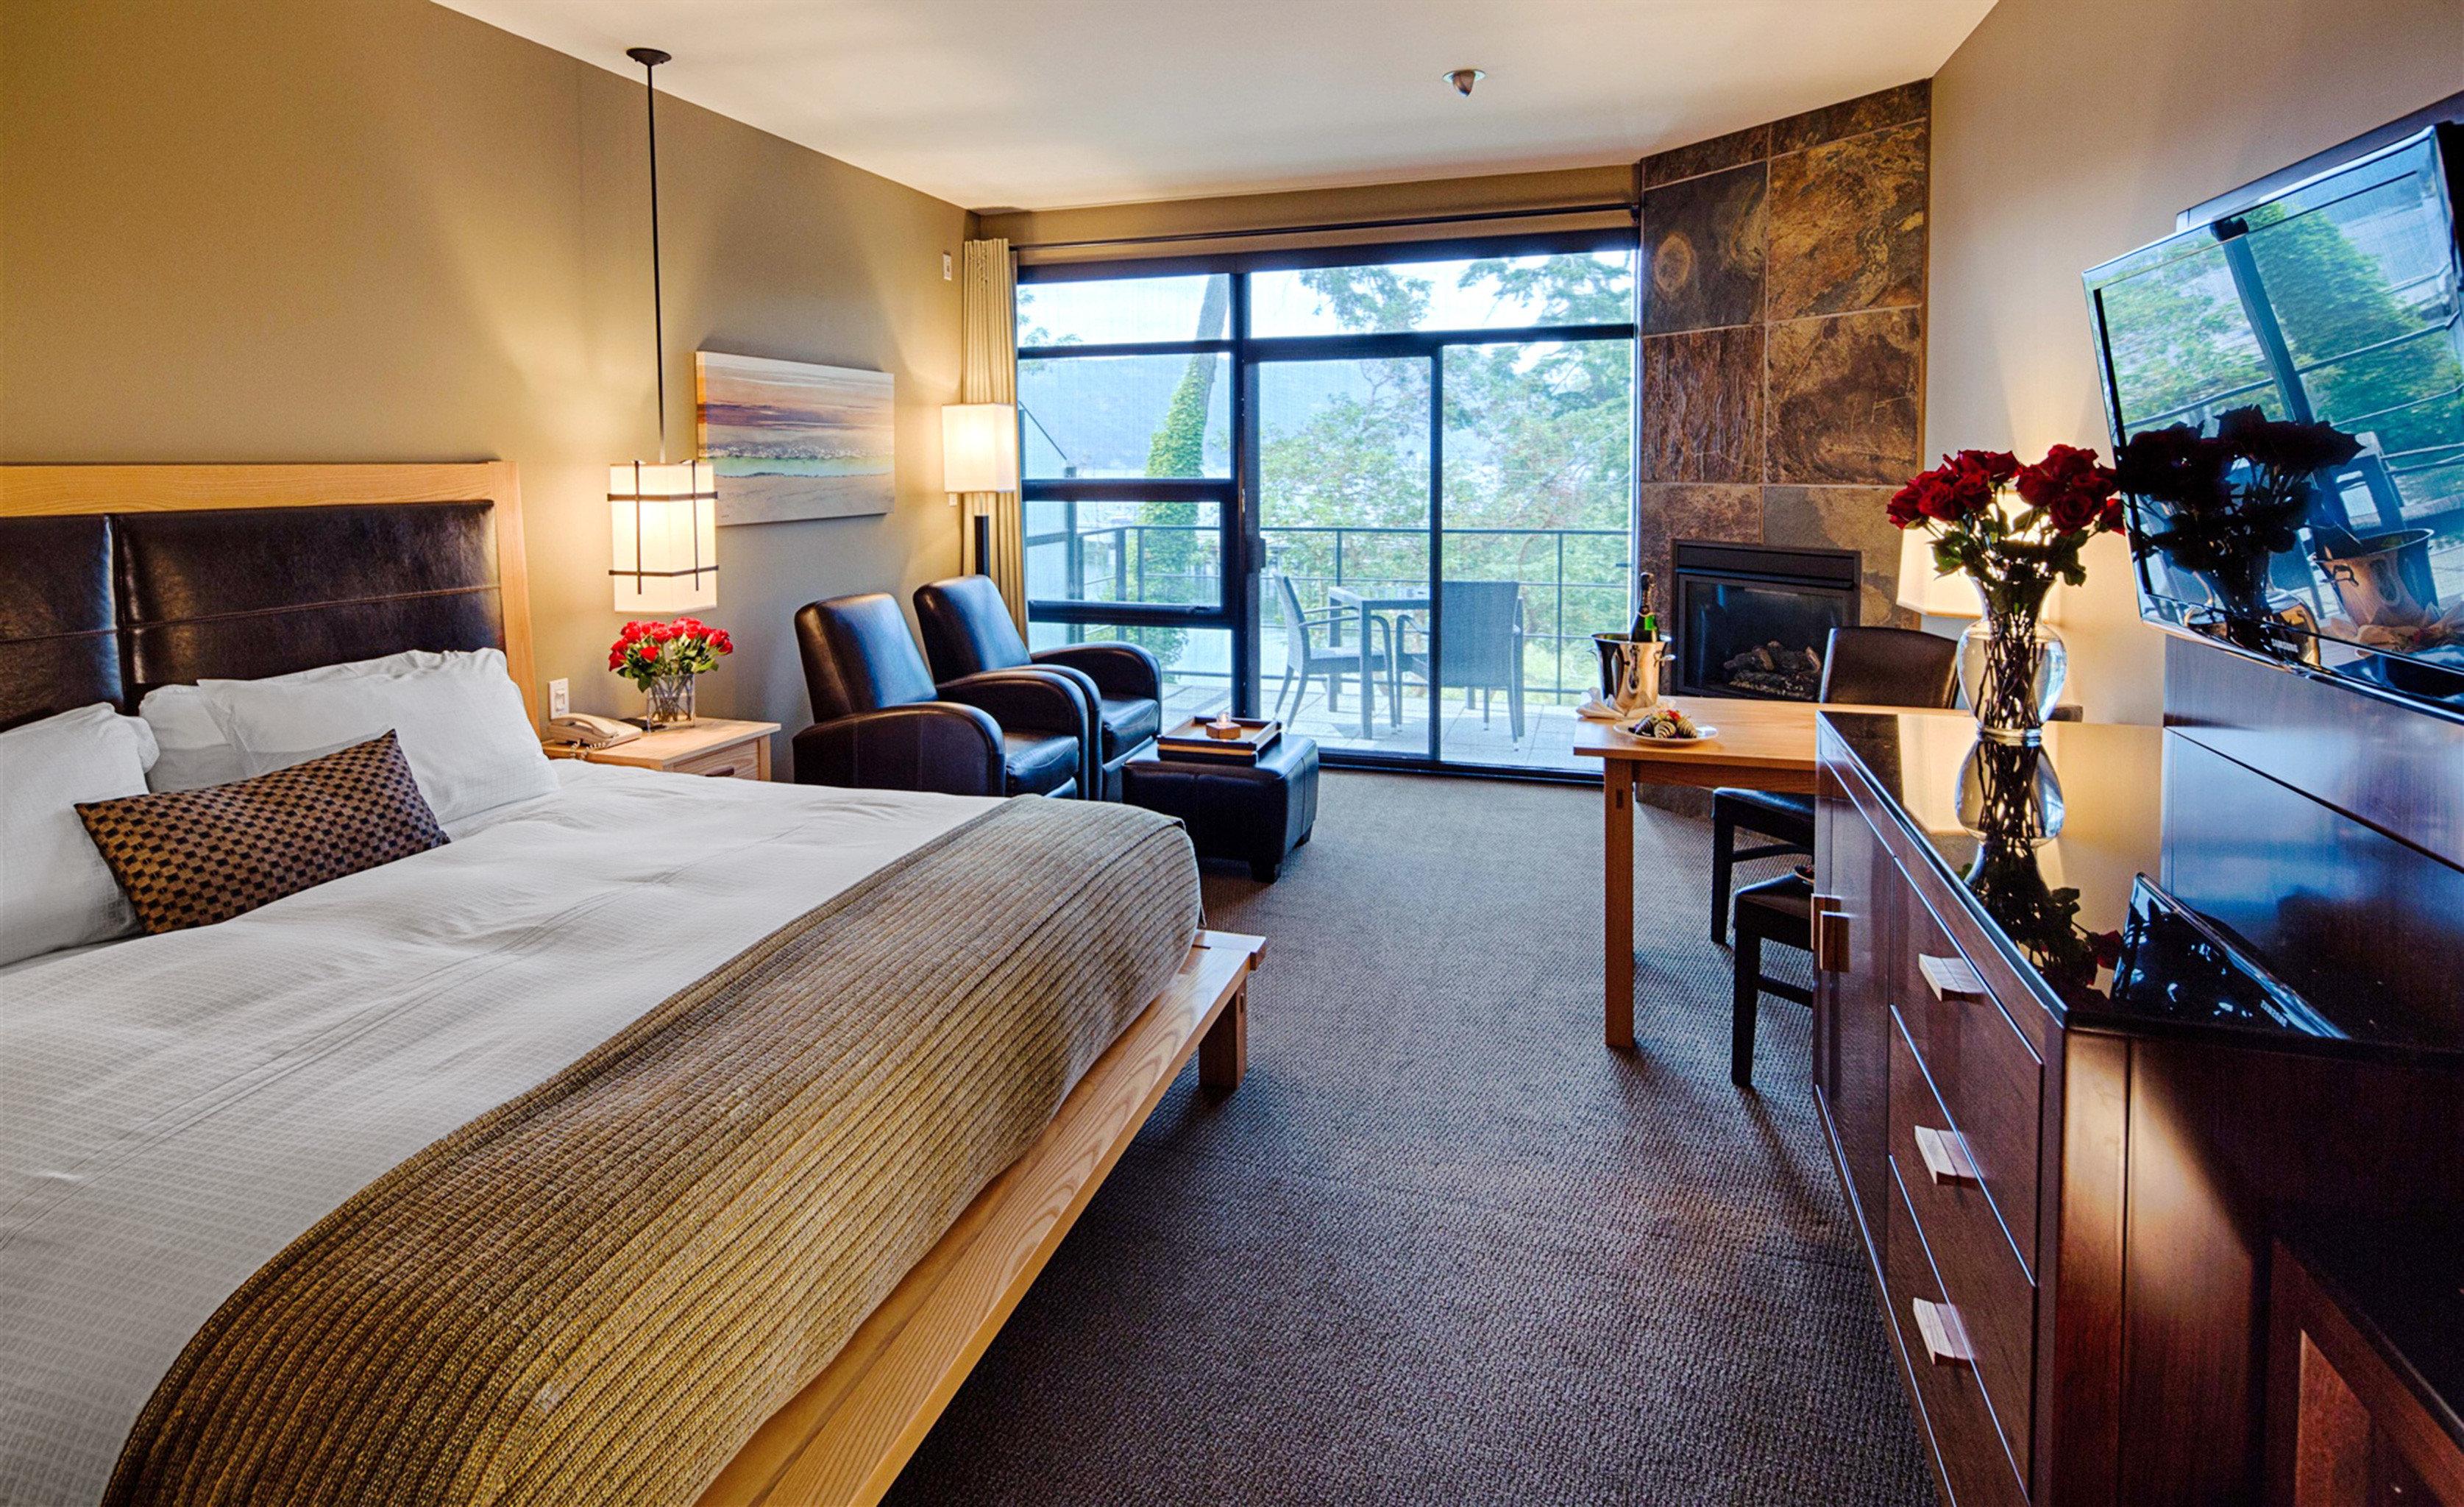 Bedroom Modern Outdoor Activities Outdoors Resort Romantic Scenic views Waterfront property Suite home living room condominium cottage